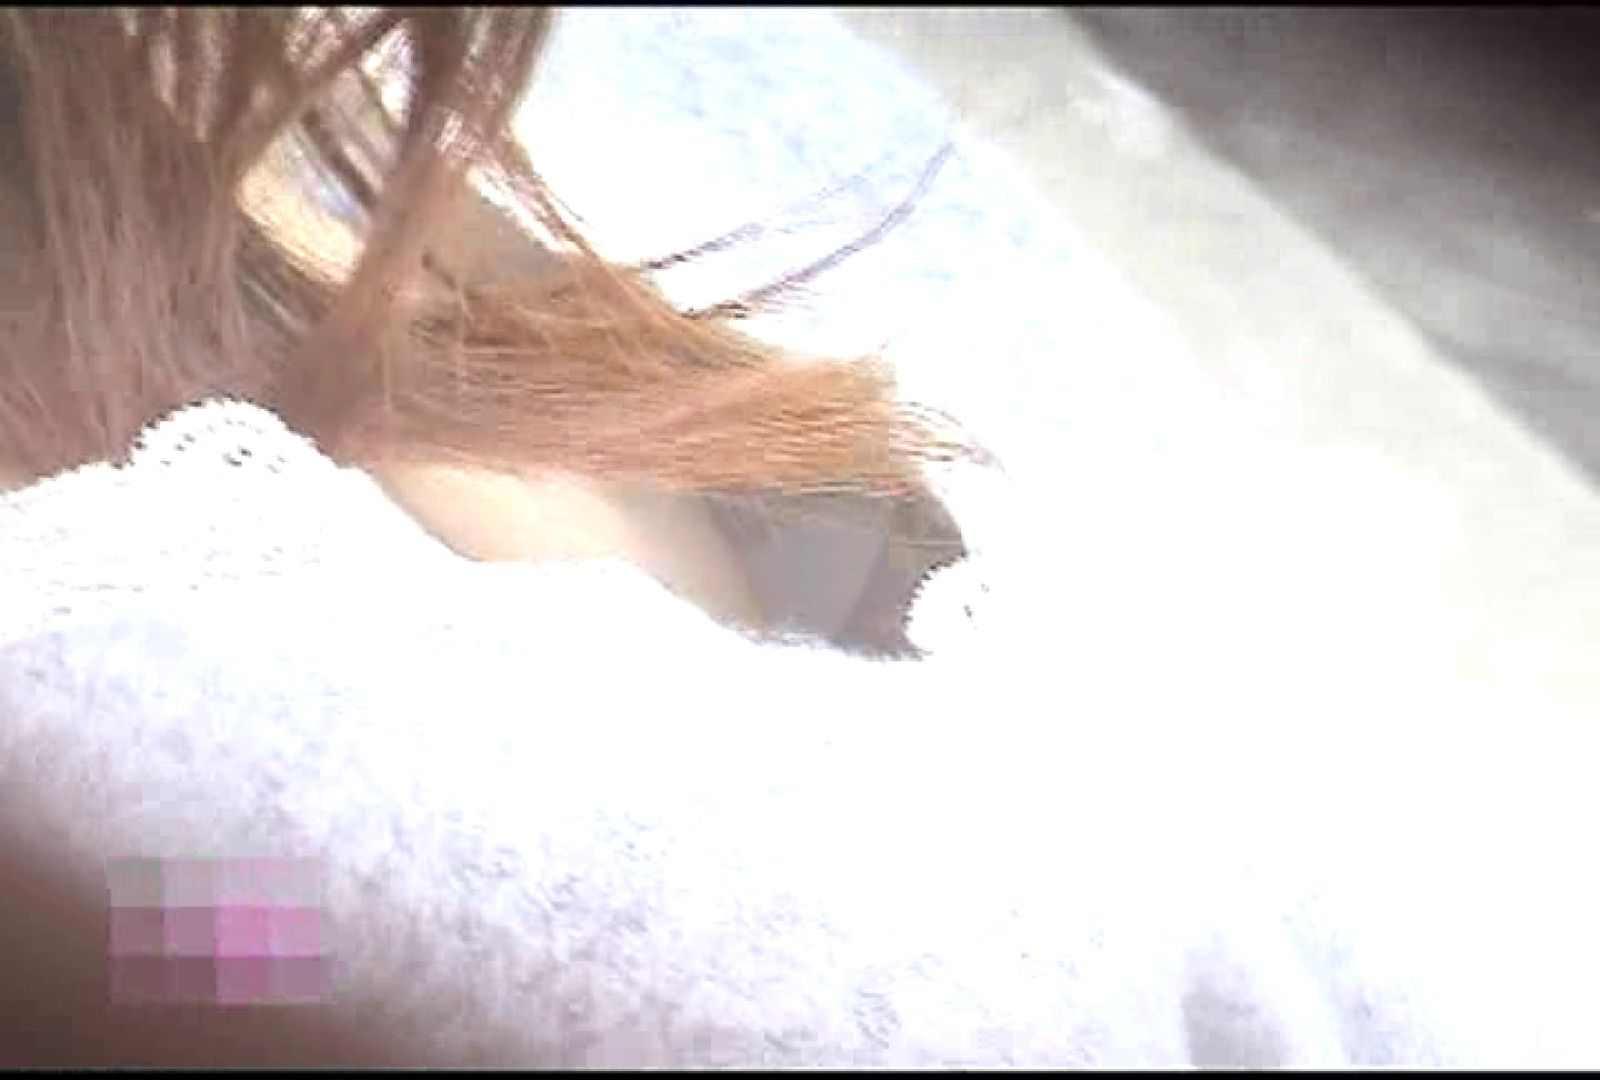 熱視線Vol.1 すけべなお姉さん 性交動画流出 107画像 23